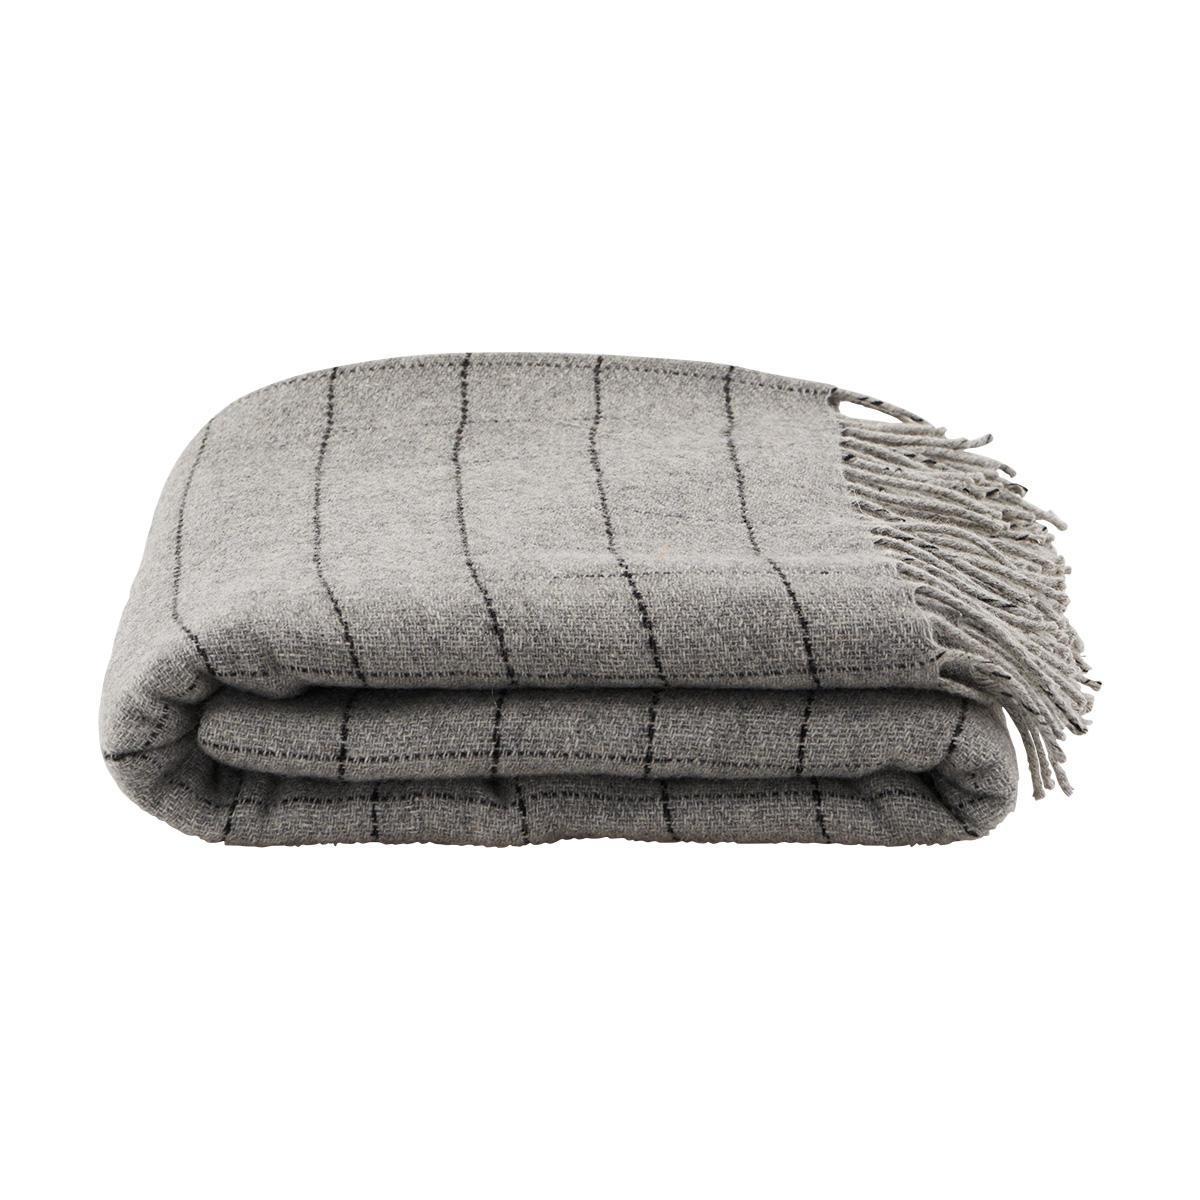 House Doctor Vlněný přehoz Square 130x170 cm, šedá barva, textil